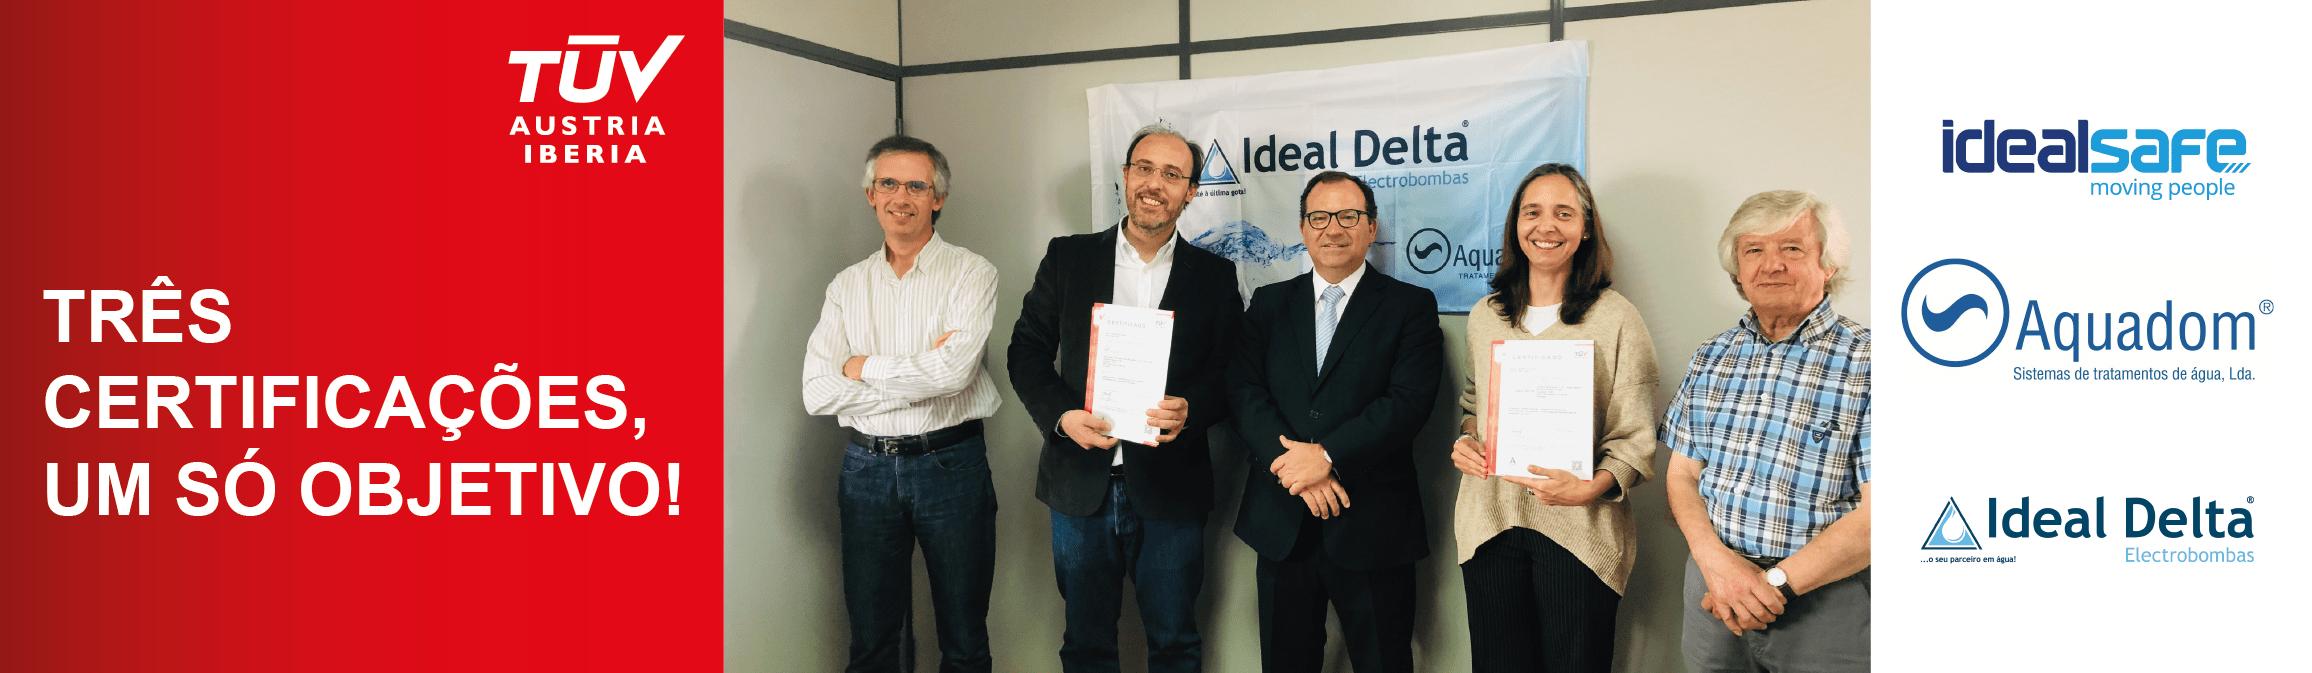 Banner Ideal Delta, Aquadom e Idealsafe: Três certificações, um só objetivo!